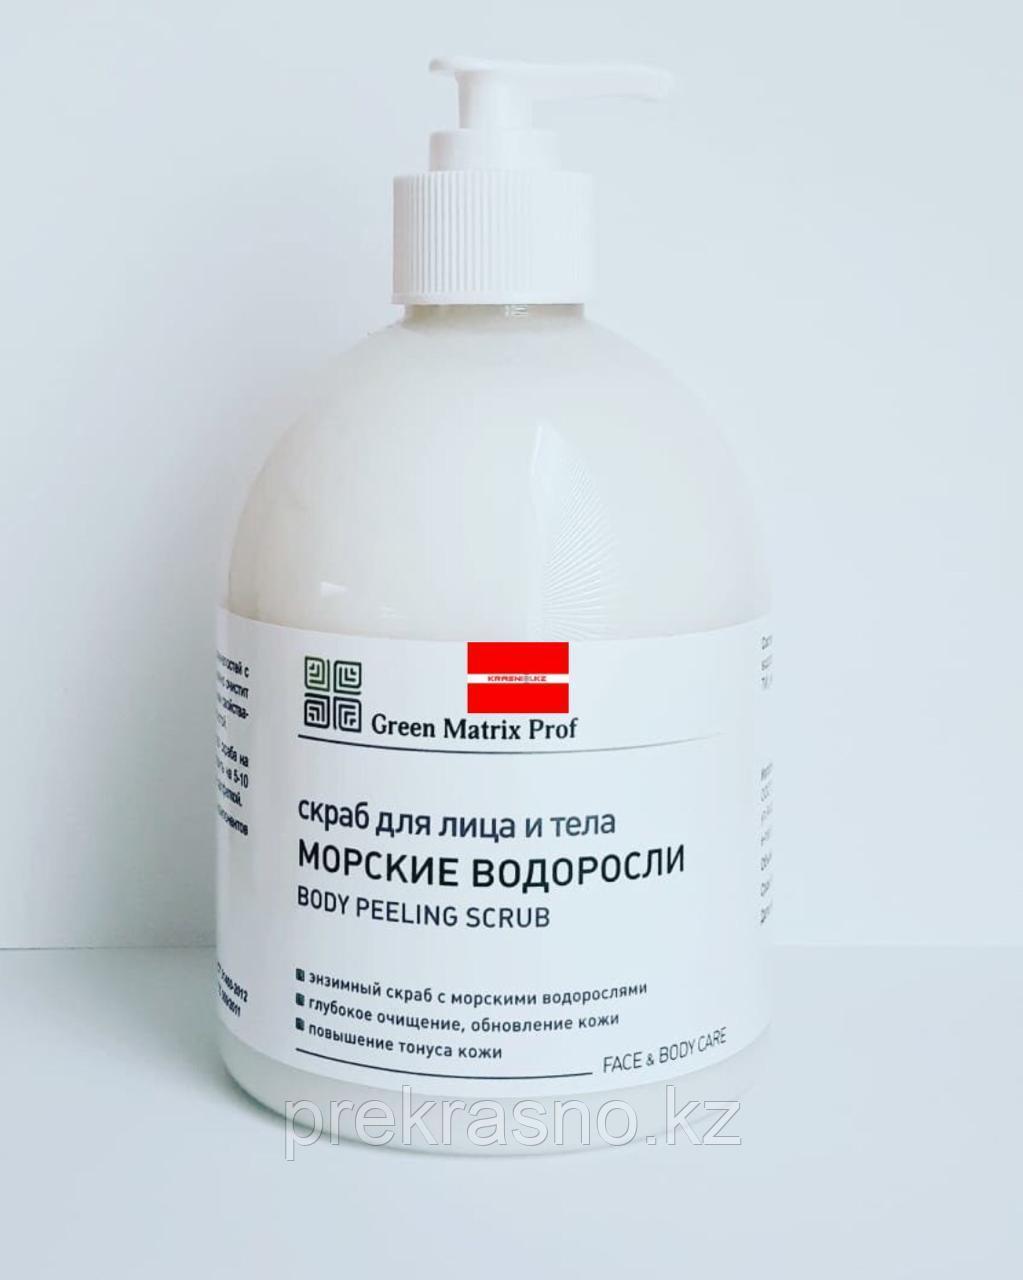 Скраб 500мл энзимный Морские водоросли для лица и тела Green Matrix Prof